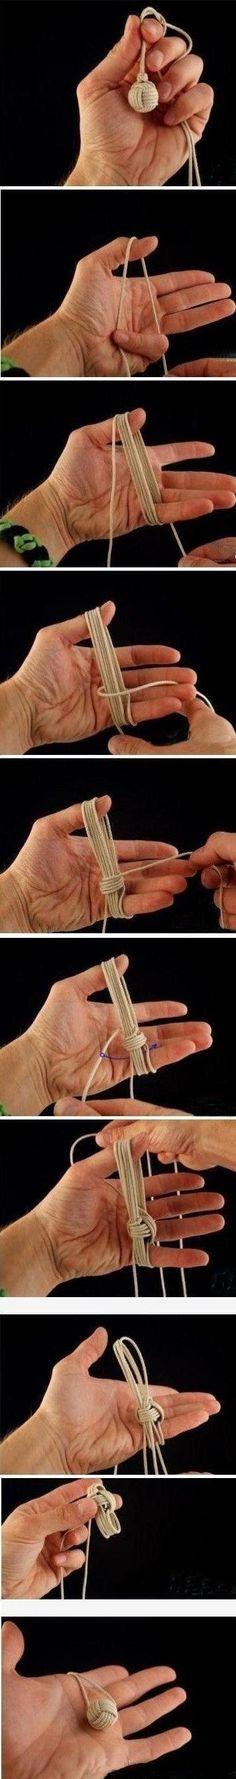 knot - kind of looks like a ball of yarn: